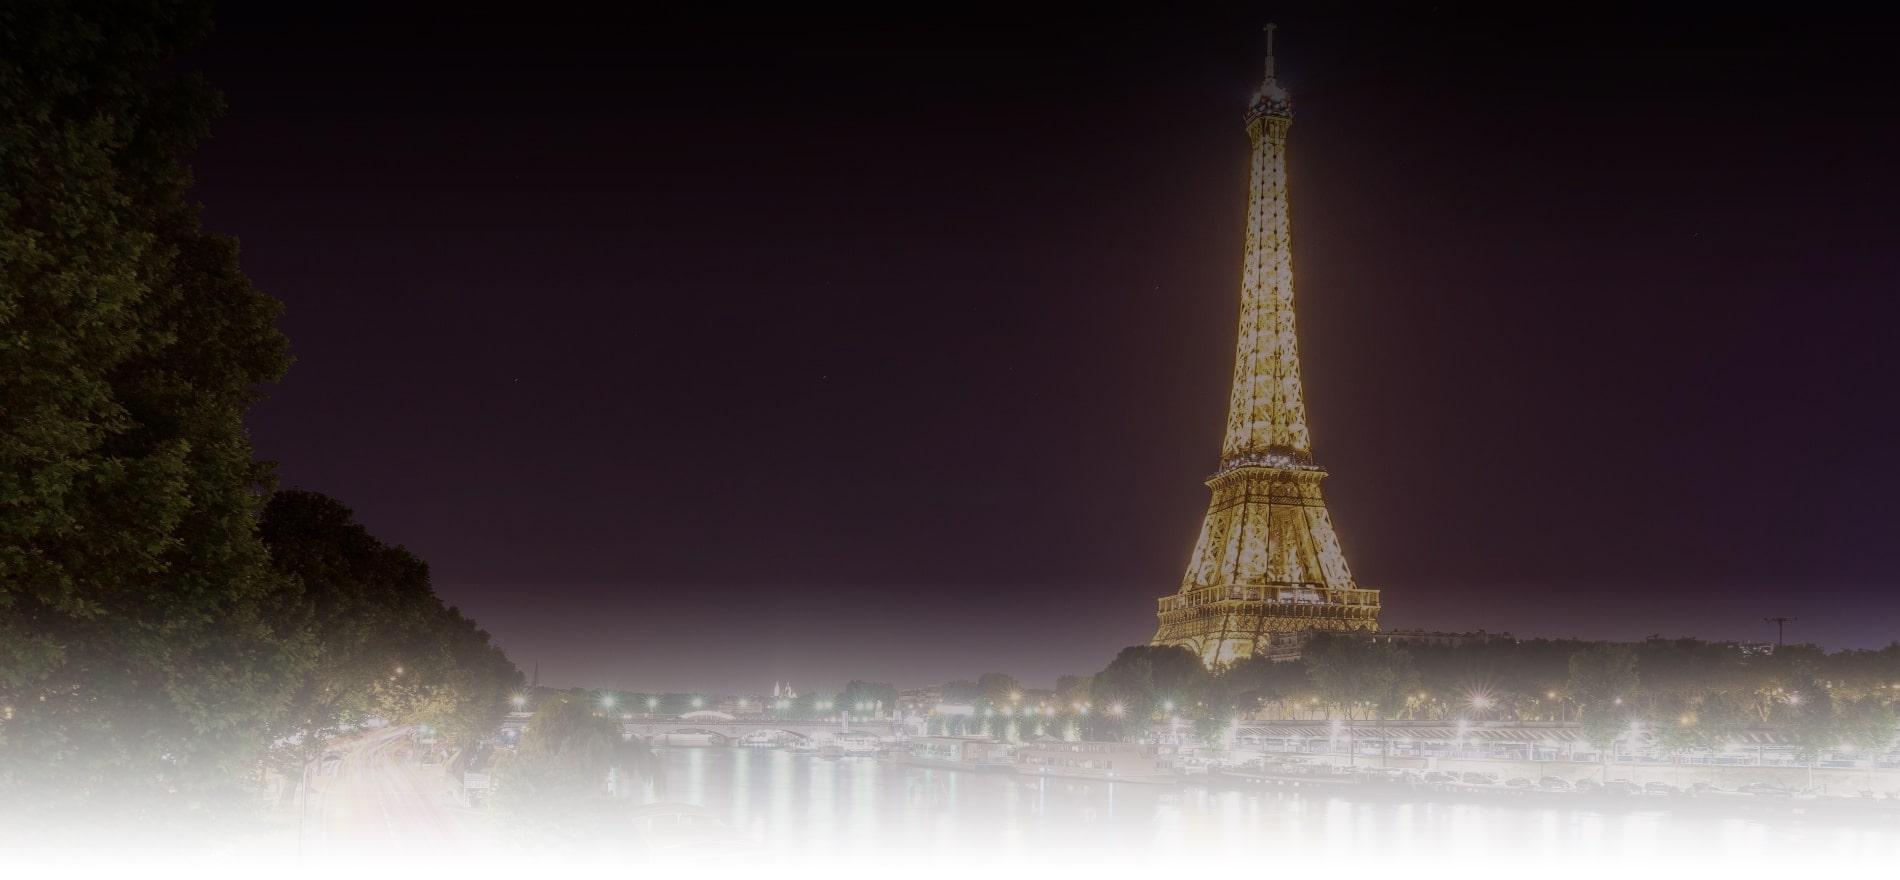 visite de paris la nuit sur Paris